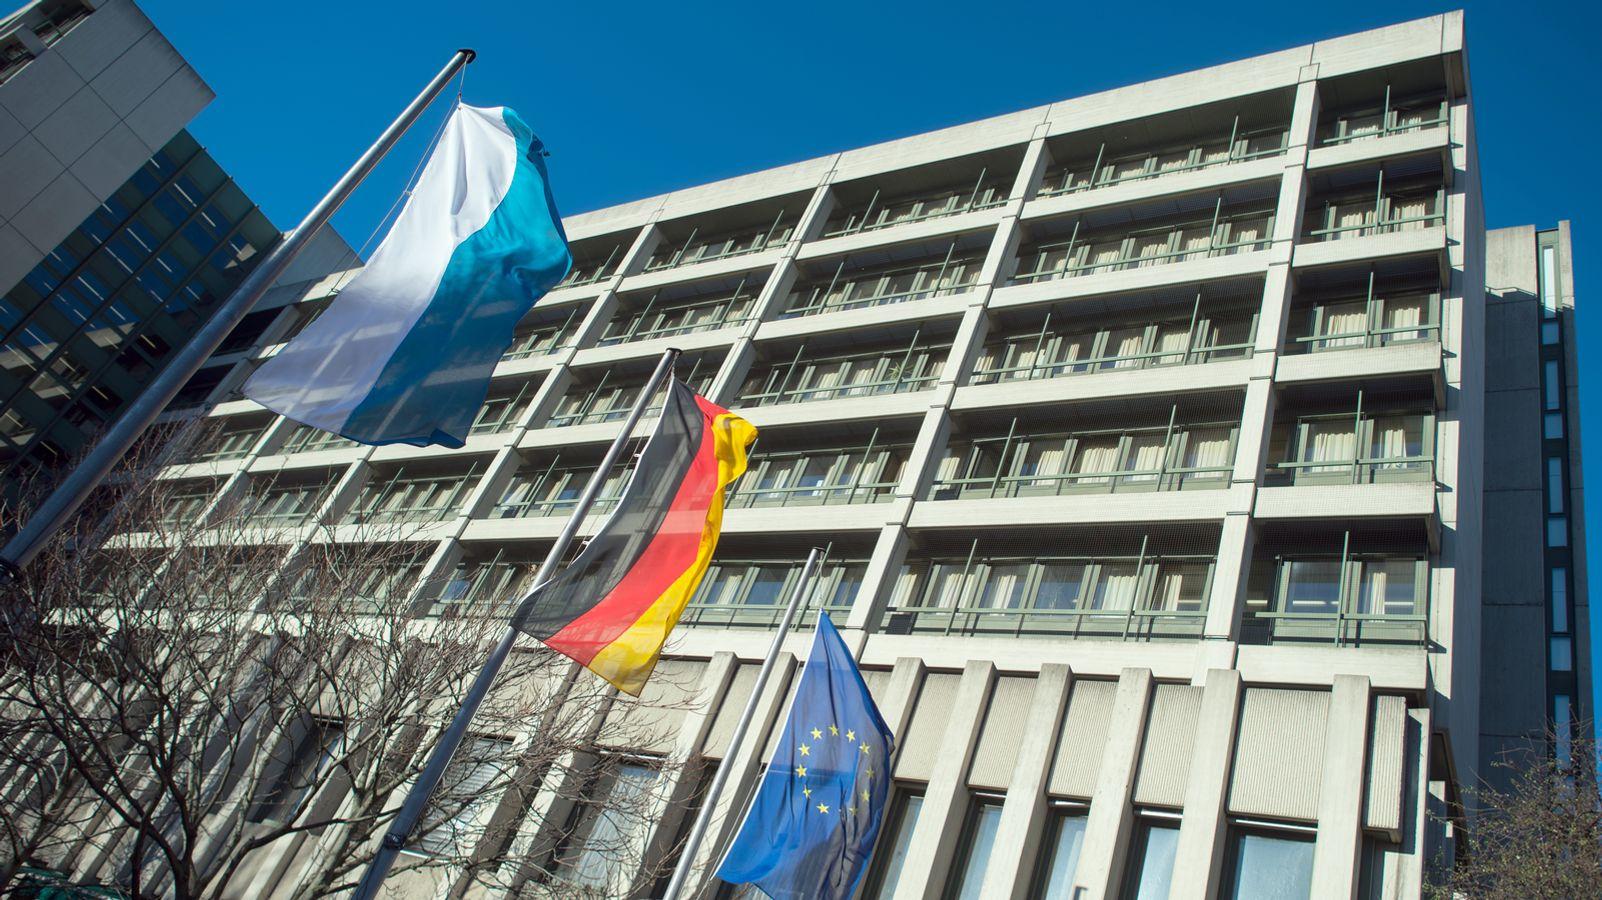 Panik im Gottesdienst: Prozess in München geht zu Ende